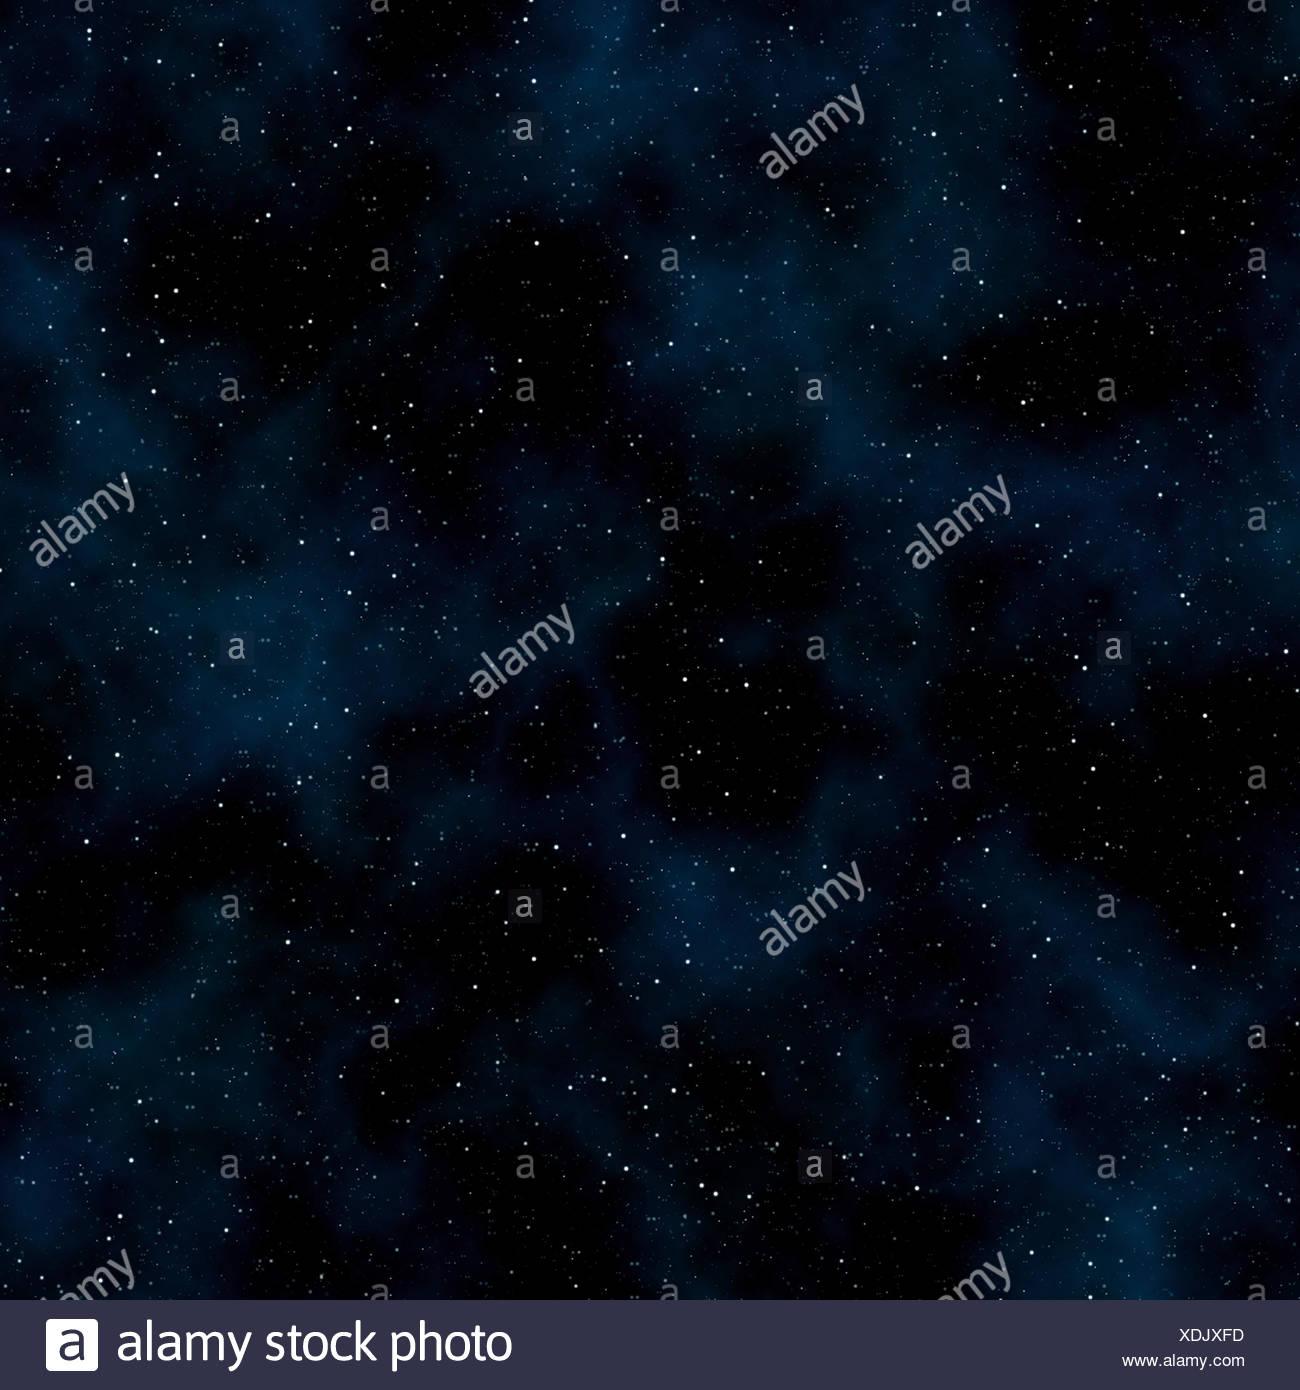 Abstrakte Raum Hintergrund: Sterne und Nebel Stockbild